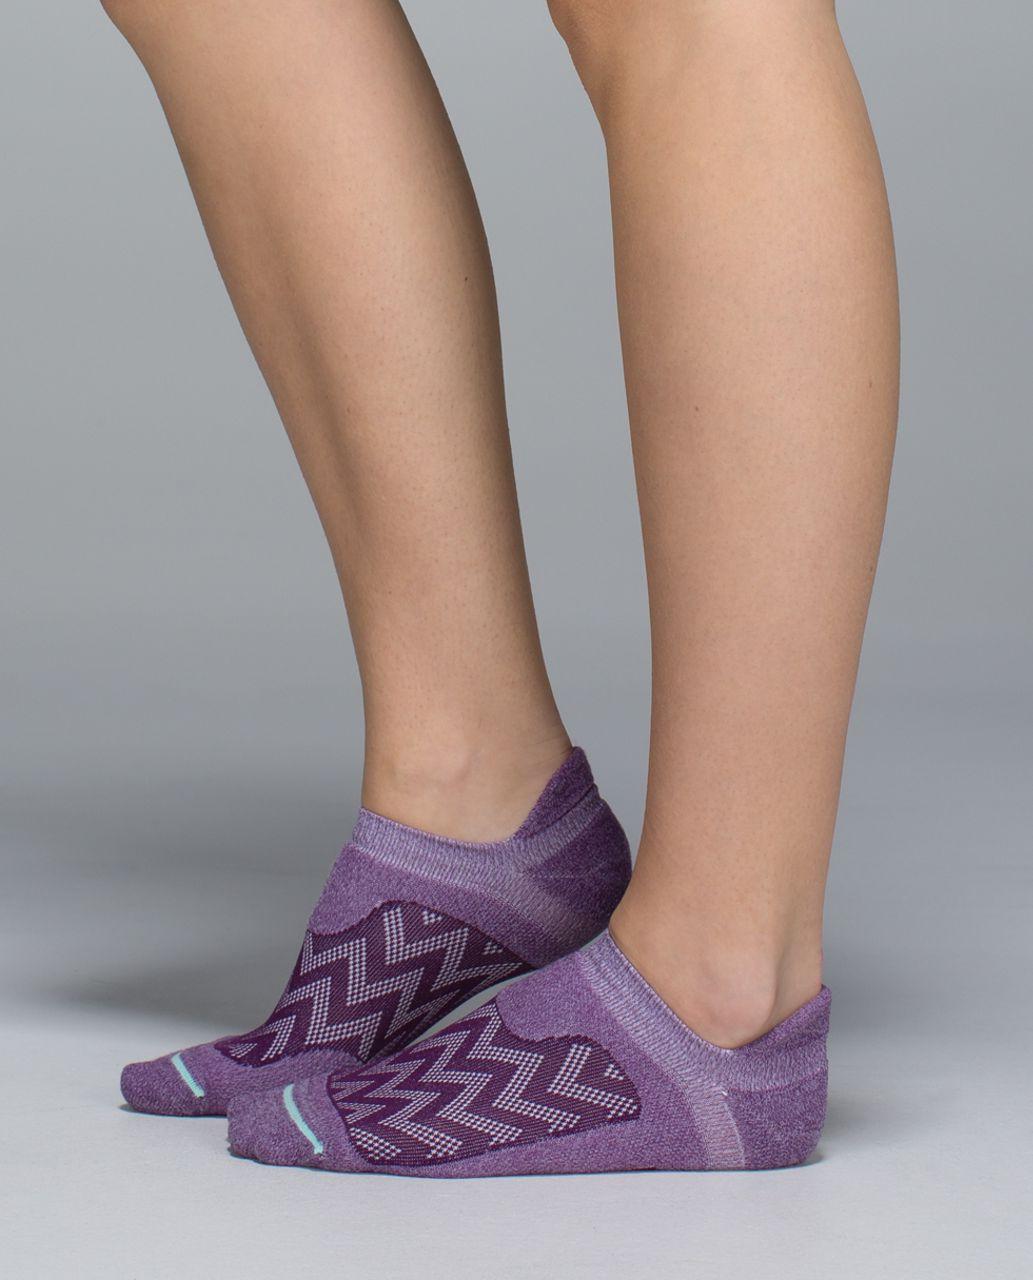 Lululemon Women's Ultimate No Show Run Sock - Chevron Mesh Berry Yum Yum